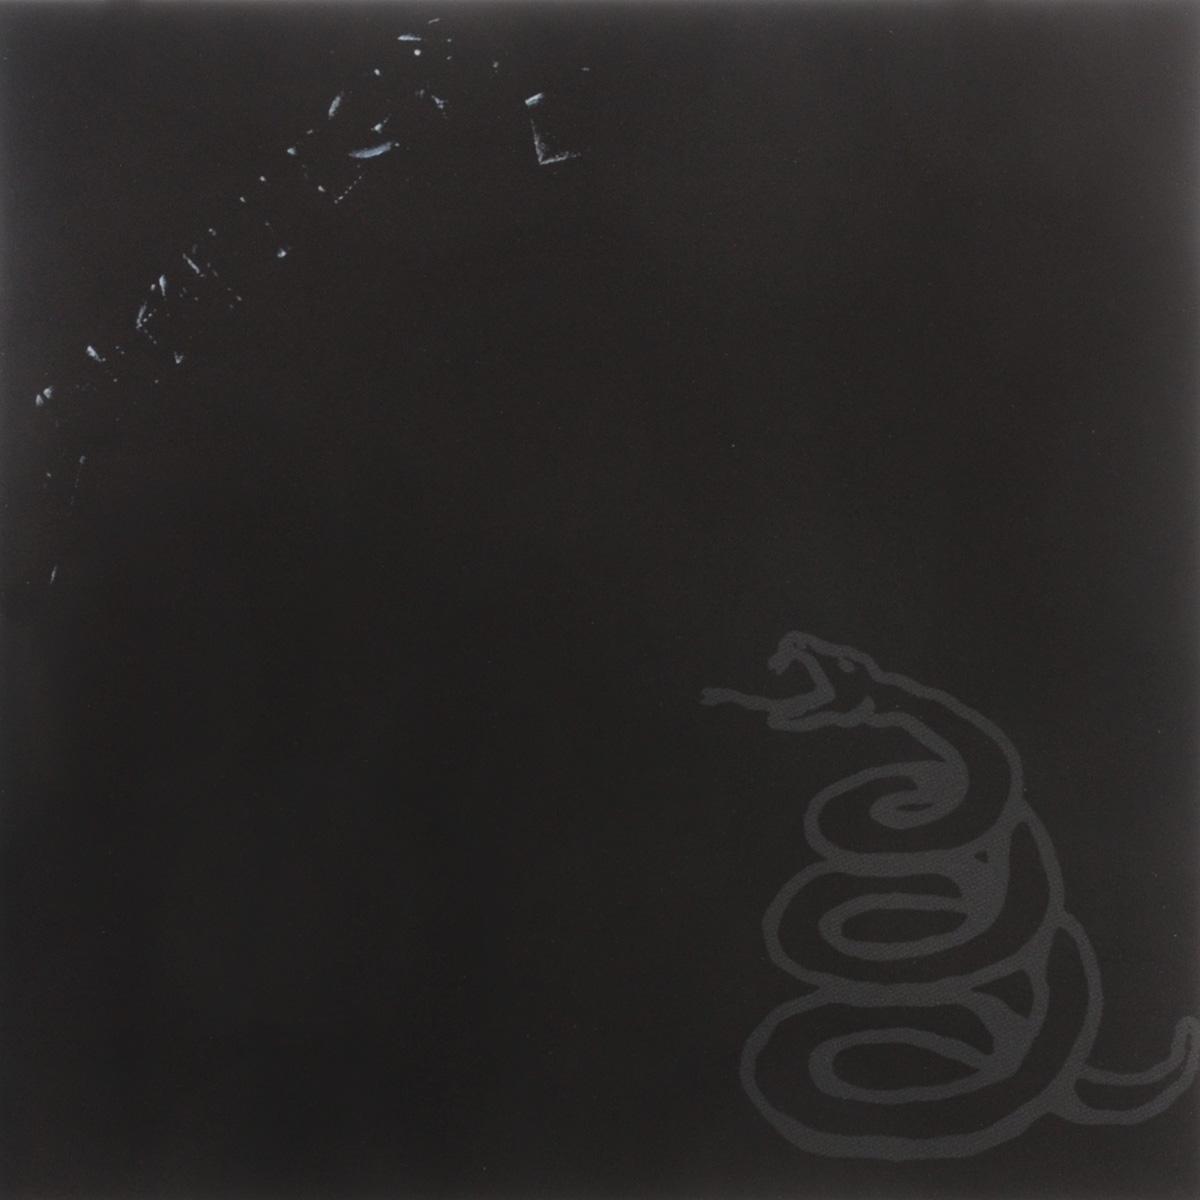 Metallica Metallica. Metallica metallica metallica load